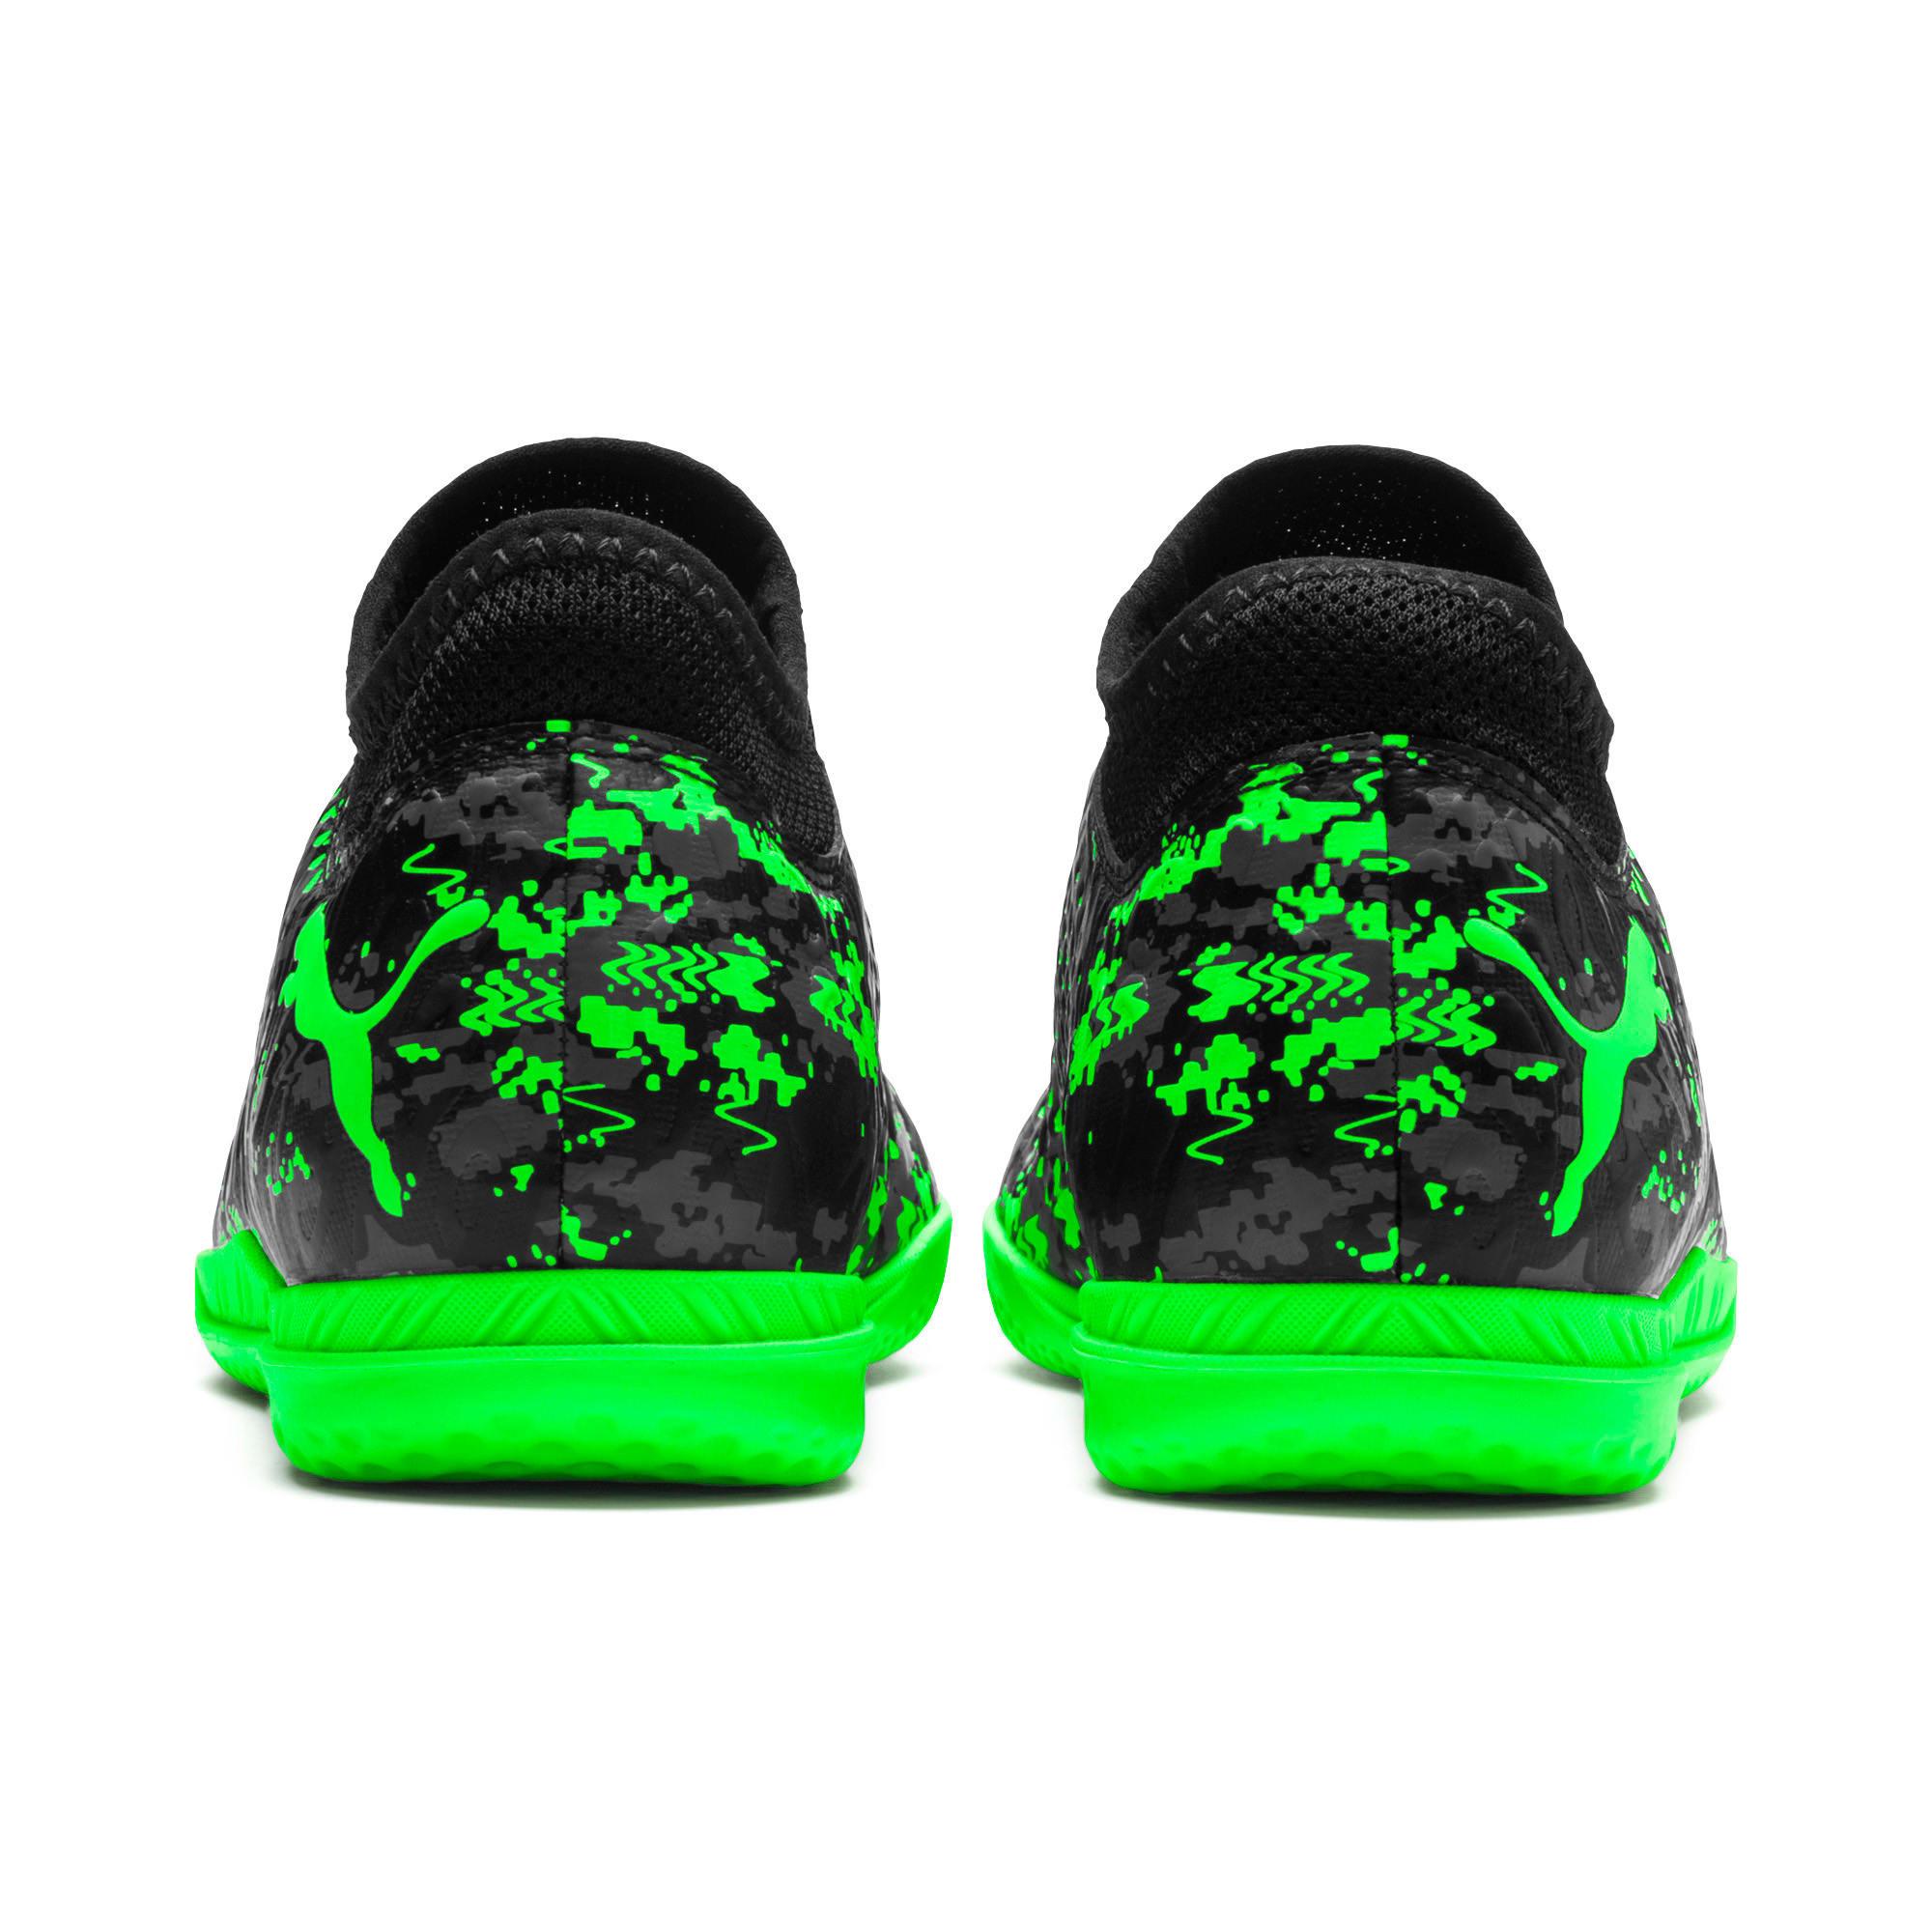 Miniatura 3 de Zapatos de fútbol FUTURE 19.4 IT para JR, Black-Gray-Green Gecko, mediano